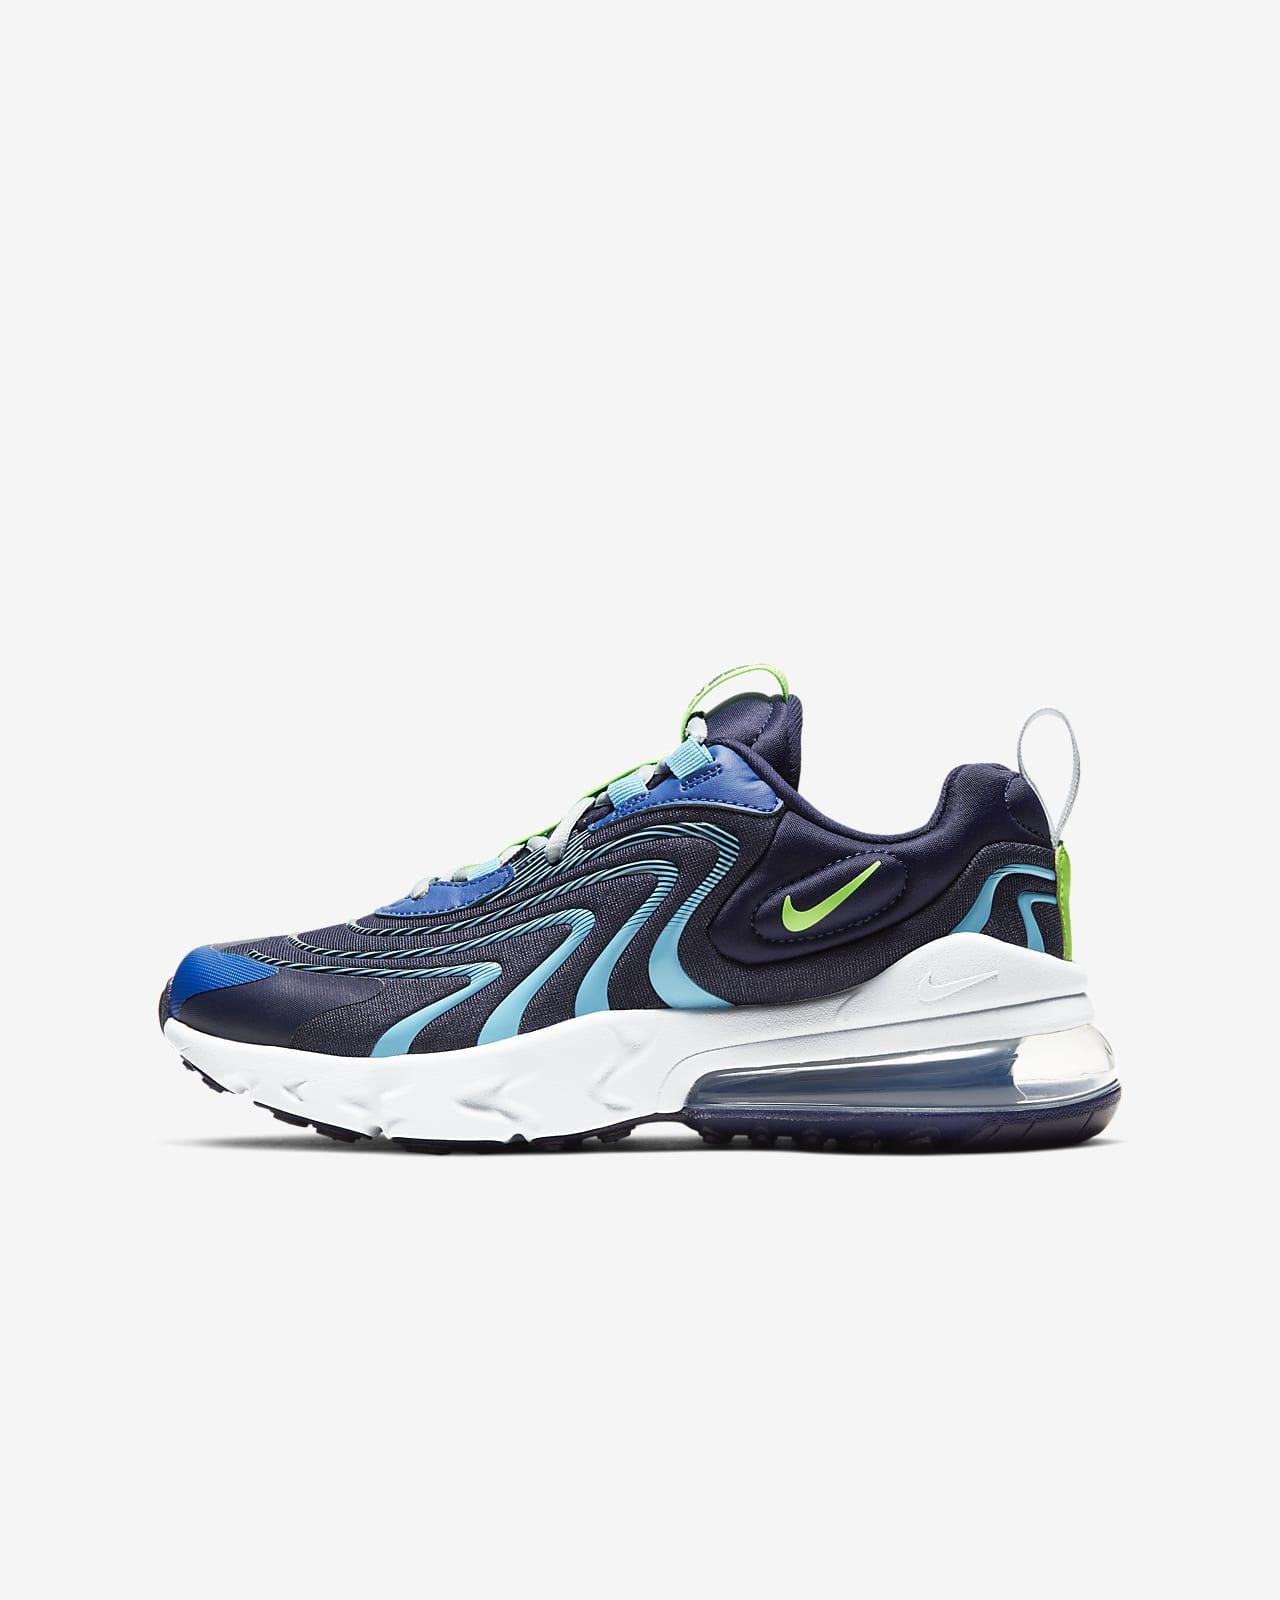 รองเท้าเด็กโต Nike Air Max 270 React ENG